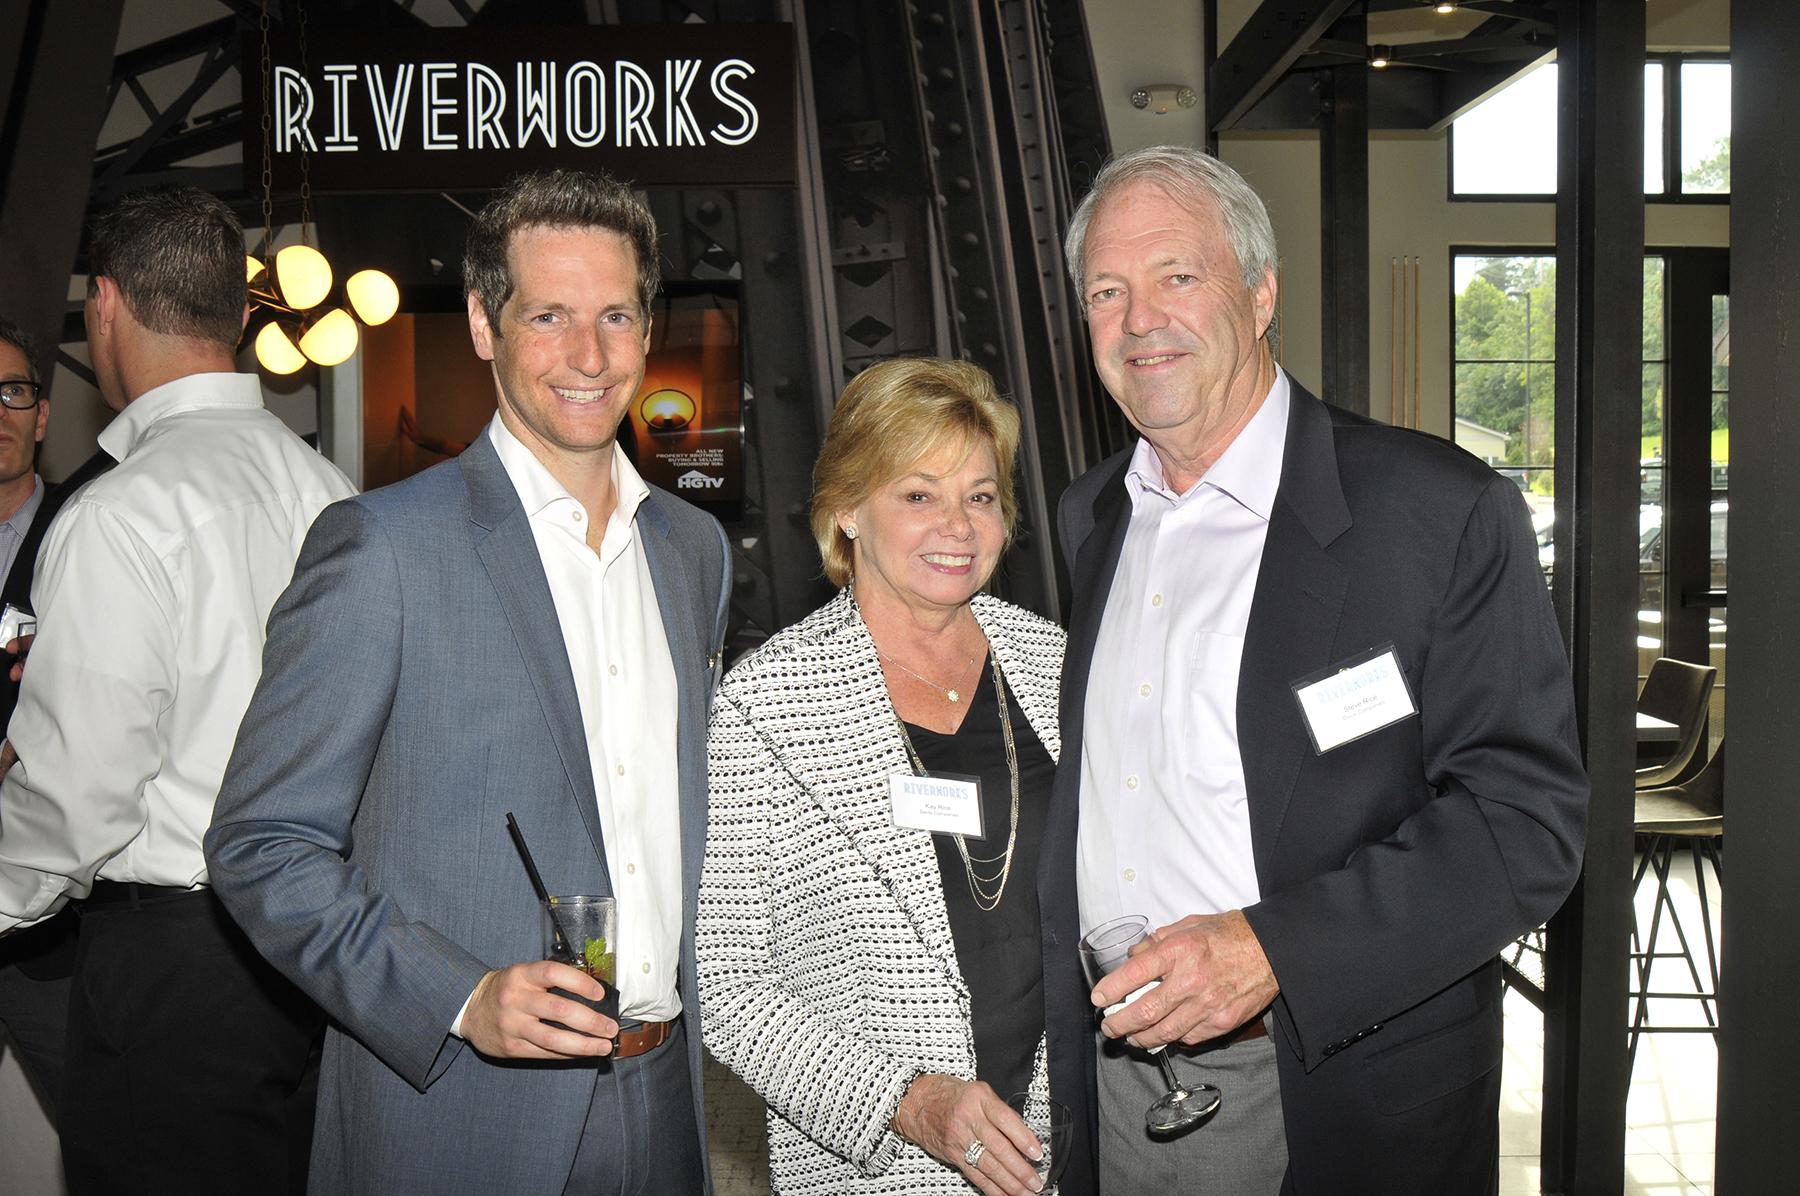 Riverworks Portrait Event Photography Taylor Photo